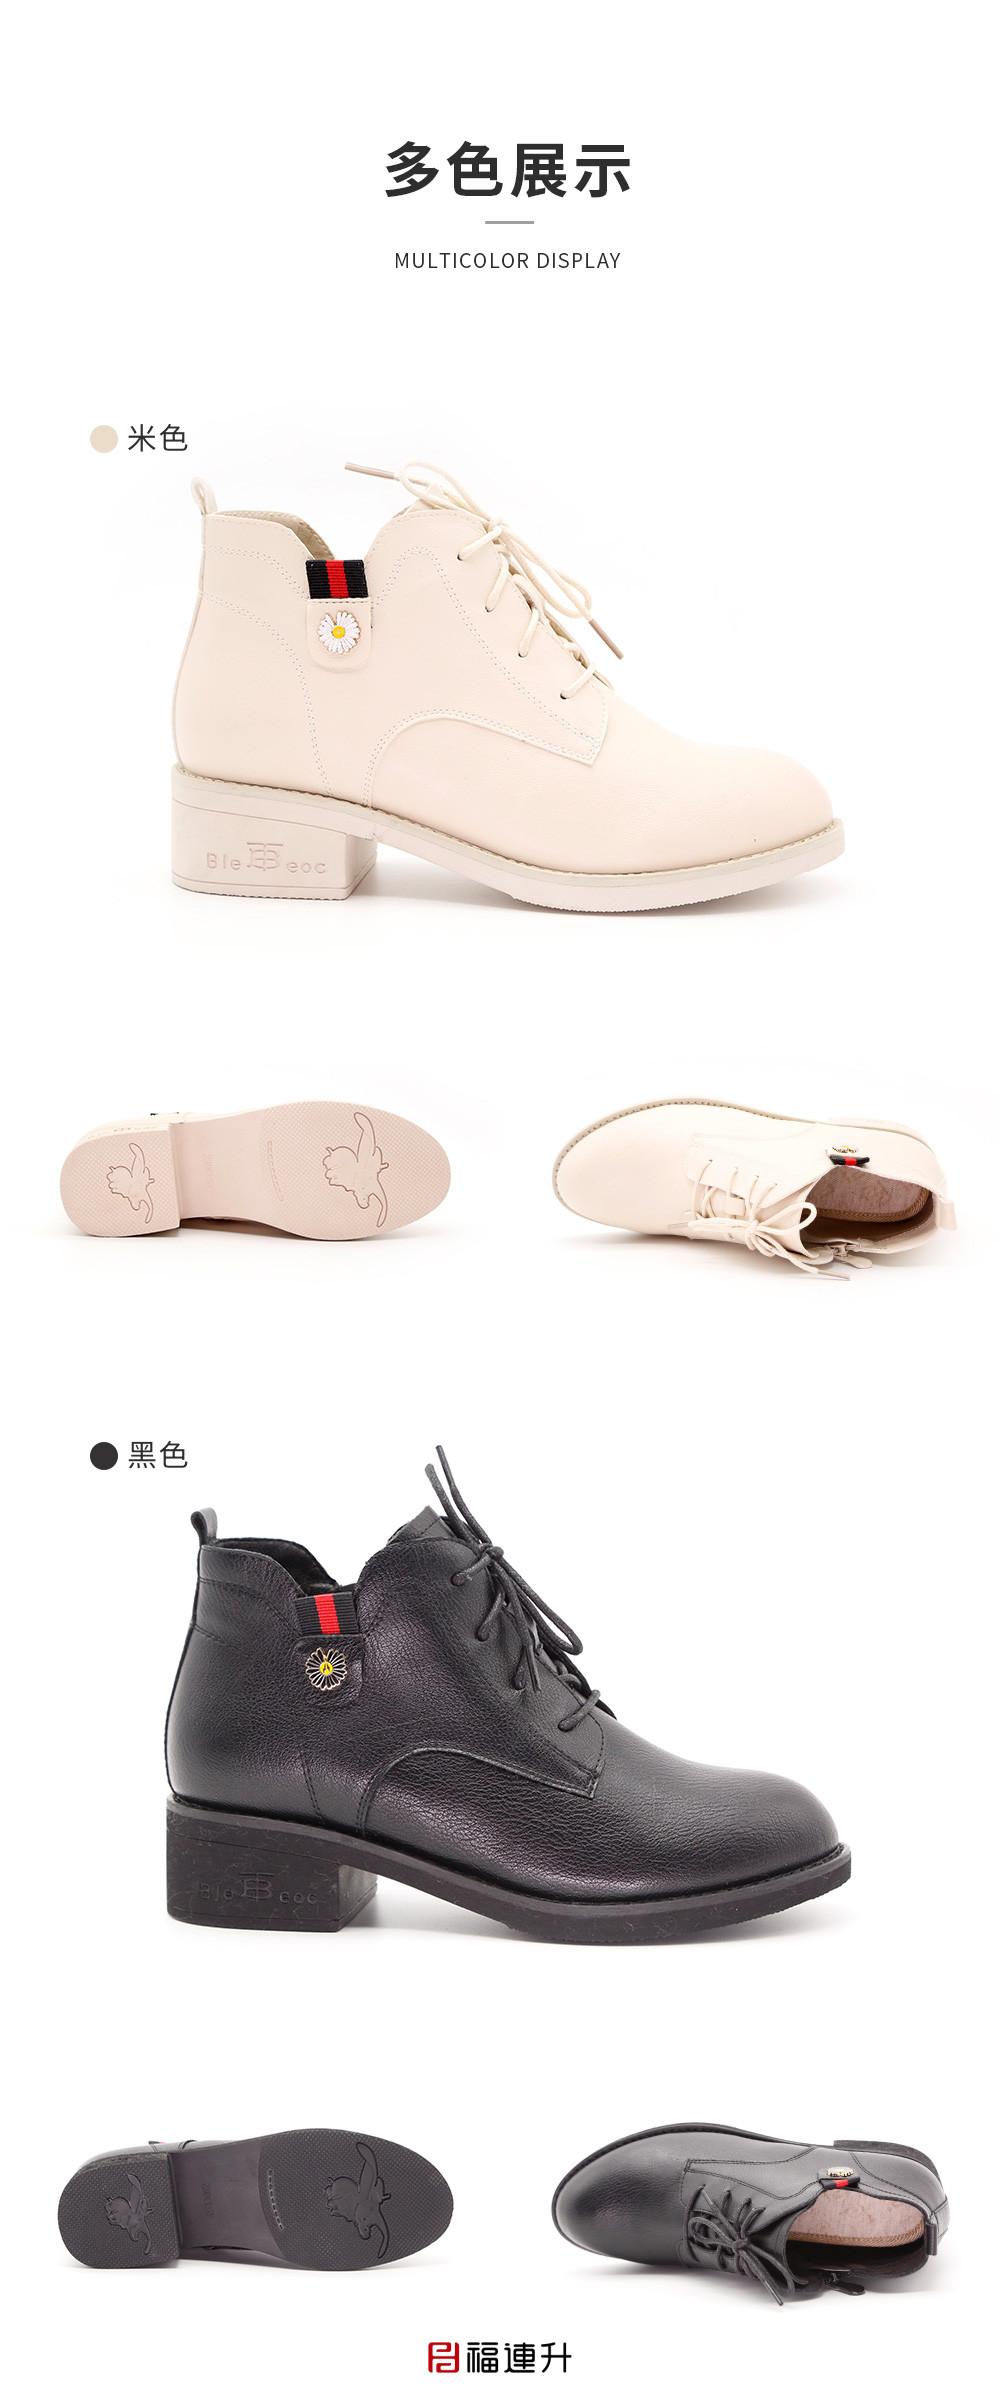 福连升休闲工作鞋子女靴短靴上班马丁靴女棉麻舒适图片